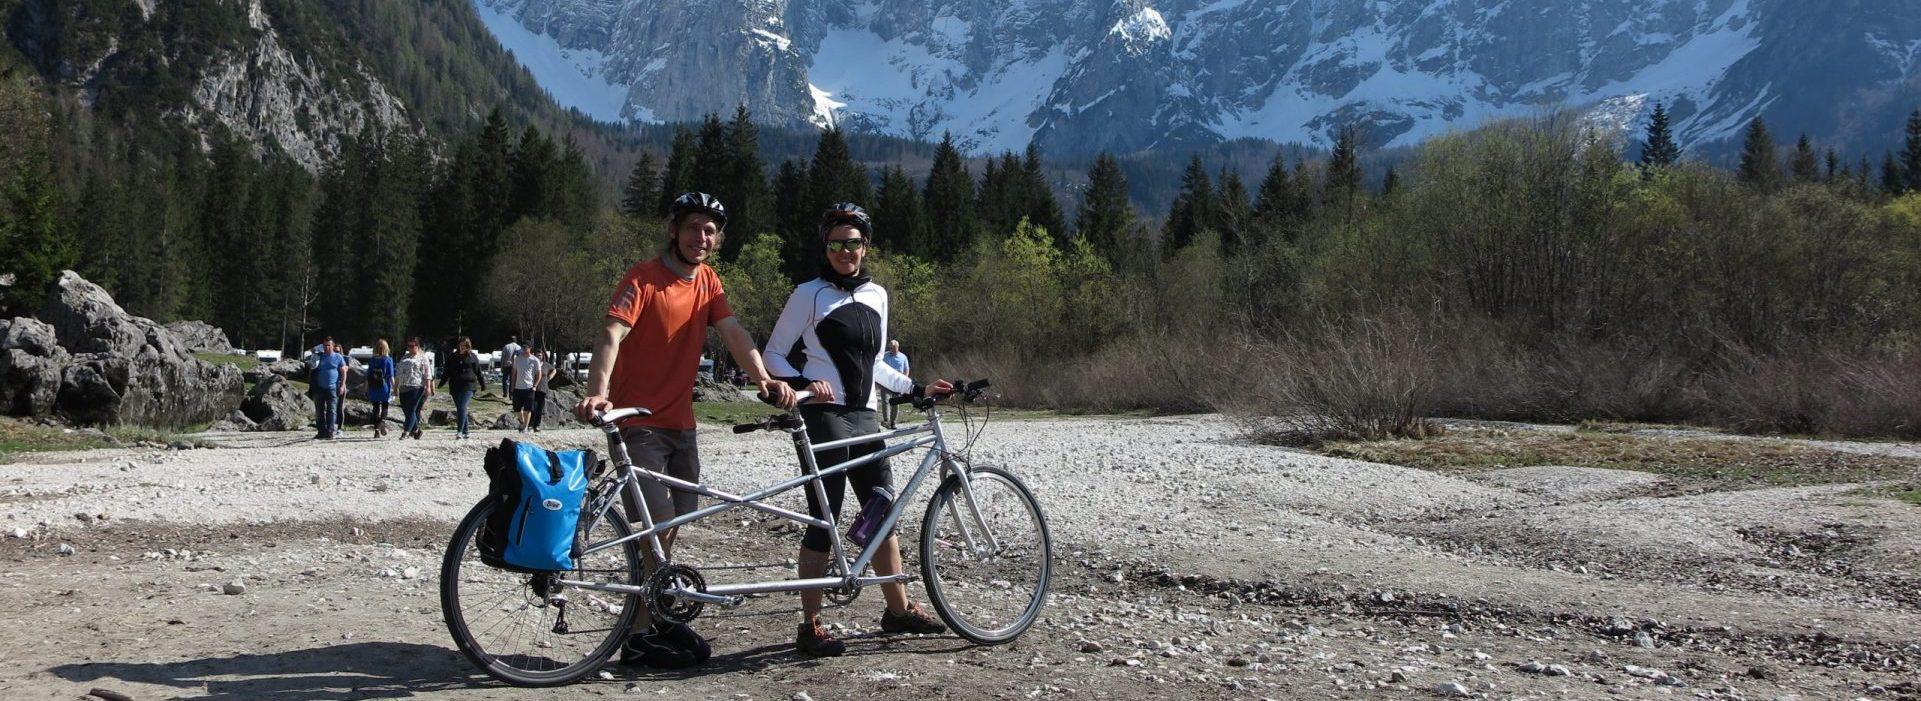 Izposoja koles / Bike rental